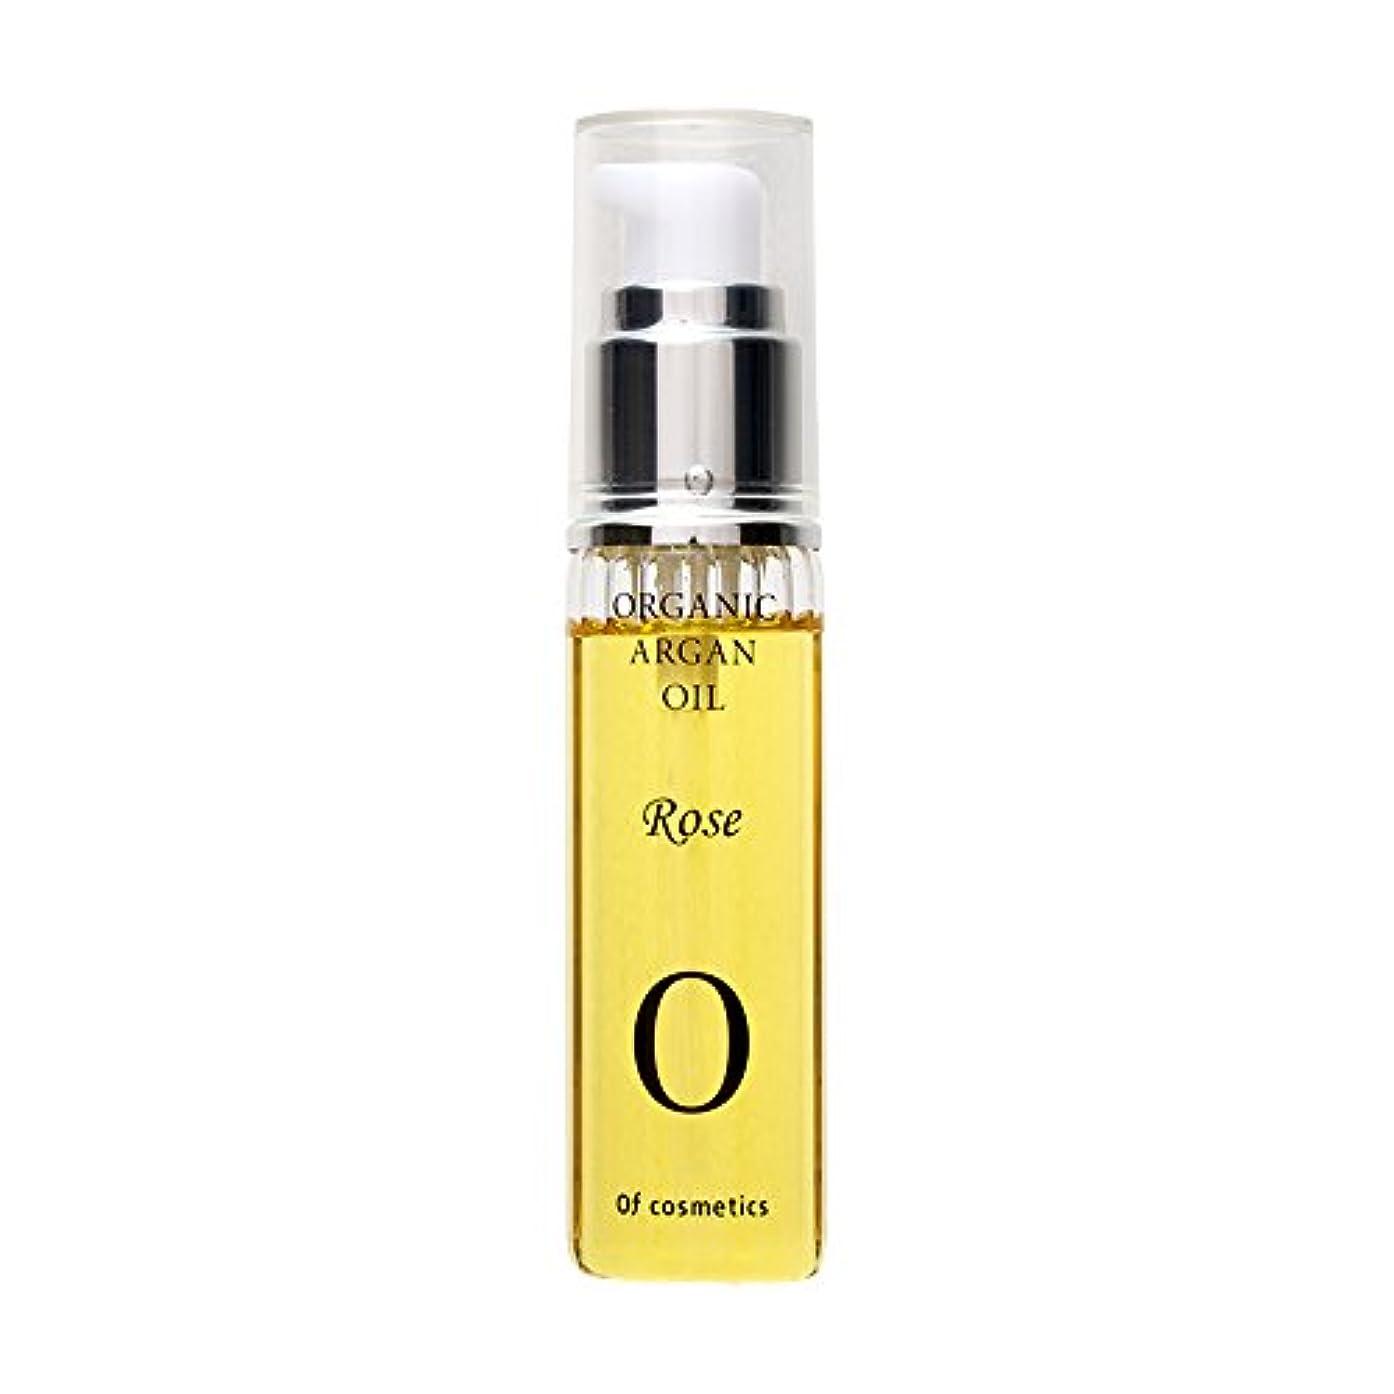 健康的アプト邪魔するオブ?コスメティックス スキンオイル?0-RO (目元や口元など、お顔の保湿ケアに) 40m ローズの香り 美容室専売 オーガニックアルガンオイル  潤い べたつかない オブコスメ